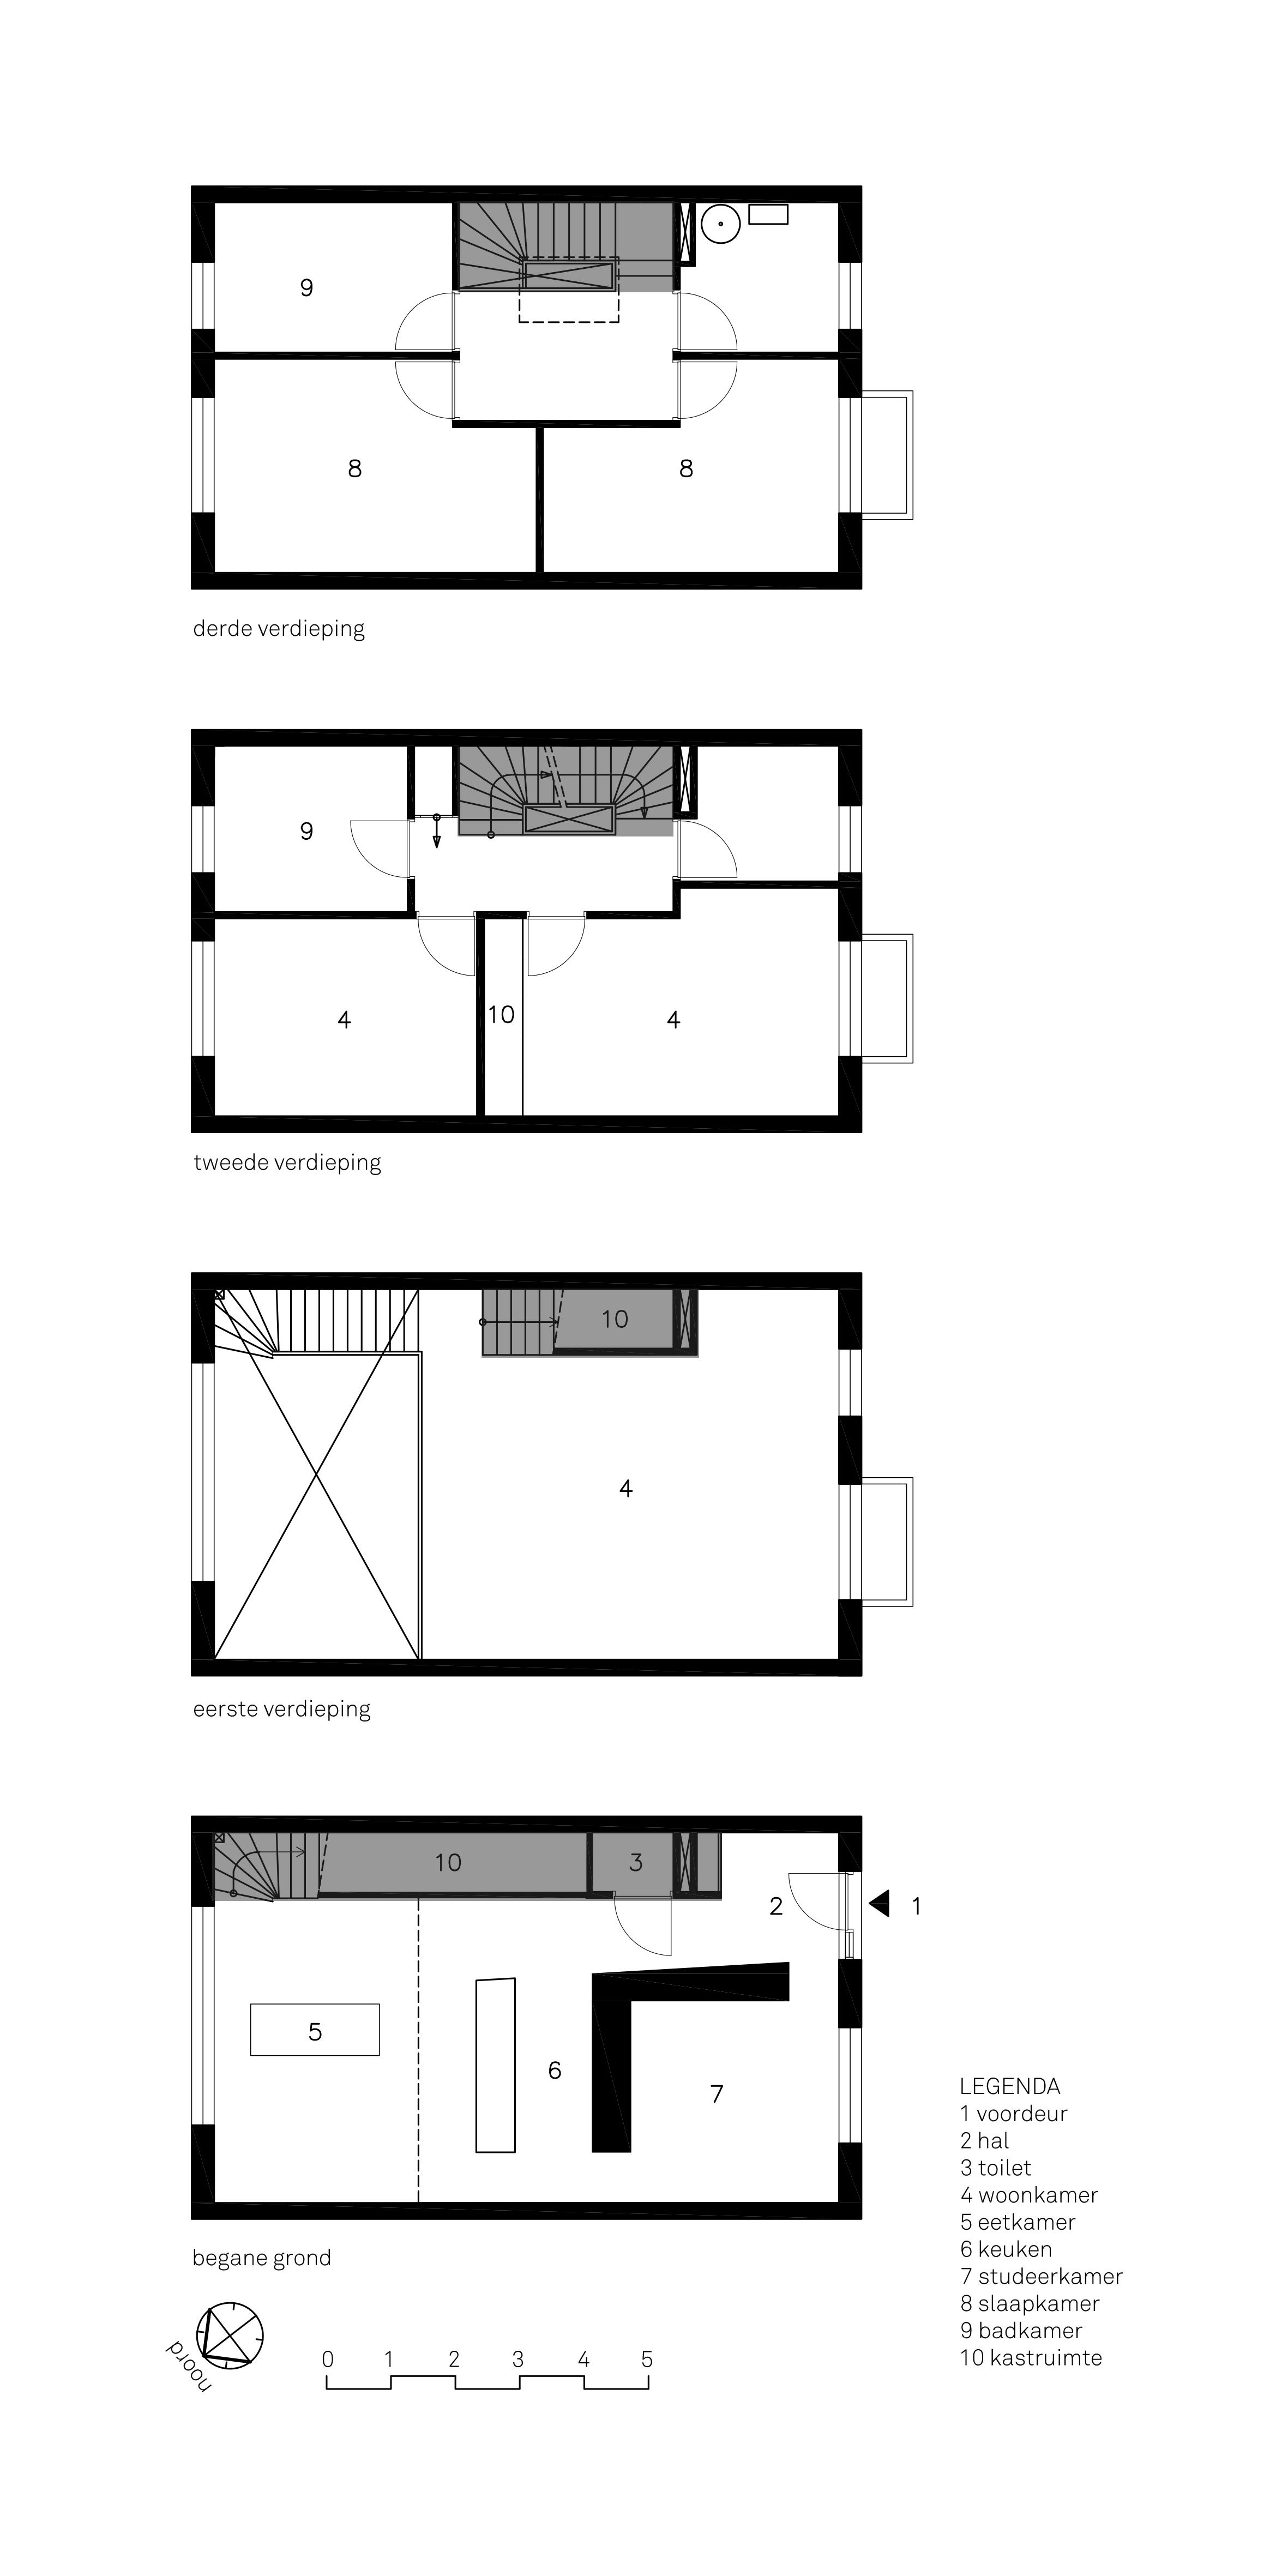 schema-trappen